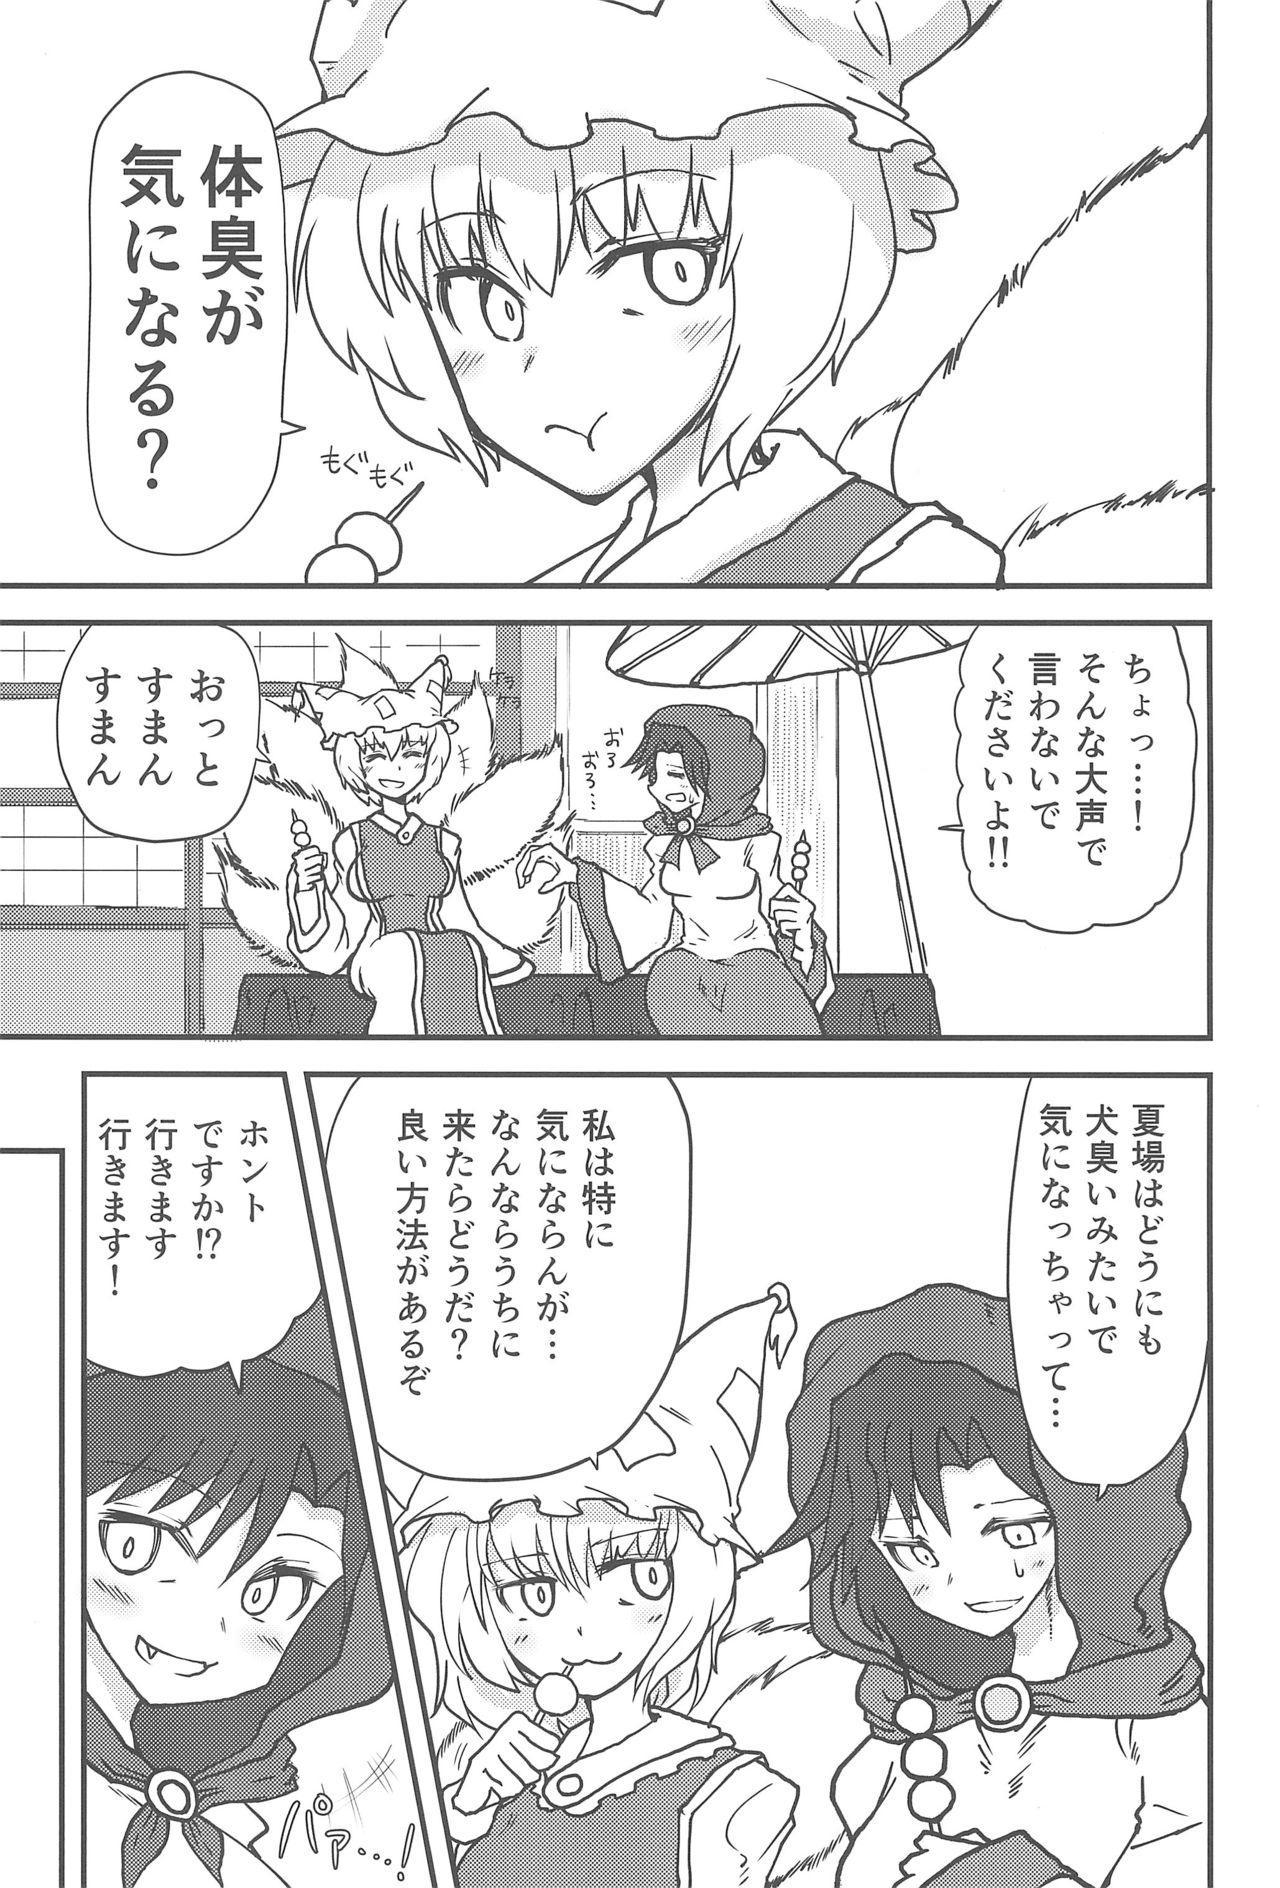 Ran-sama no Futanari Chinpo Massage! 1